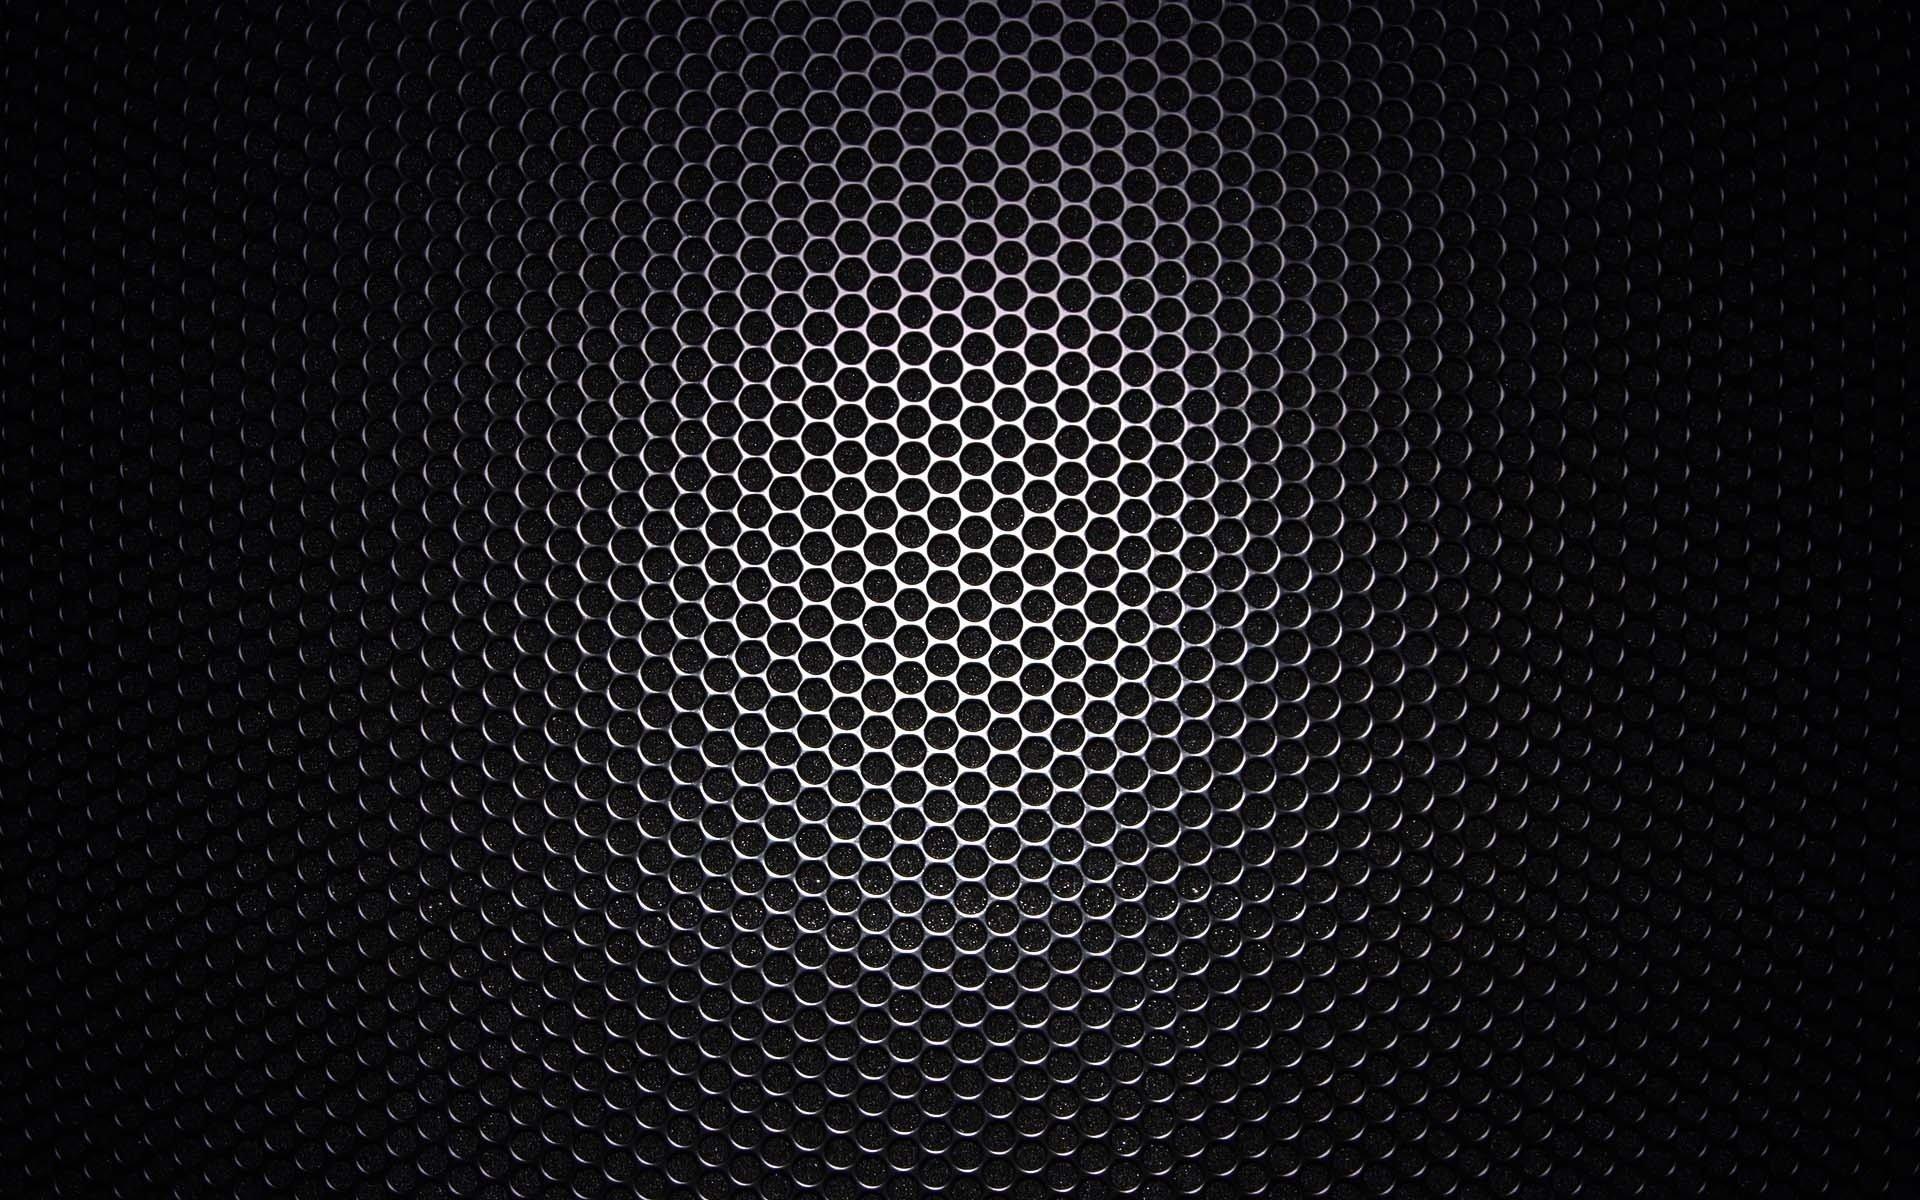 HD Metal Wallpapers Metallic Backgrounds For Desktop Download 1920x1200